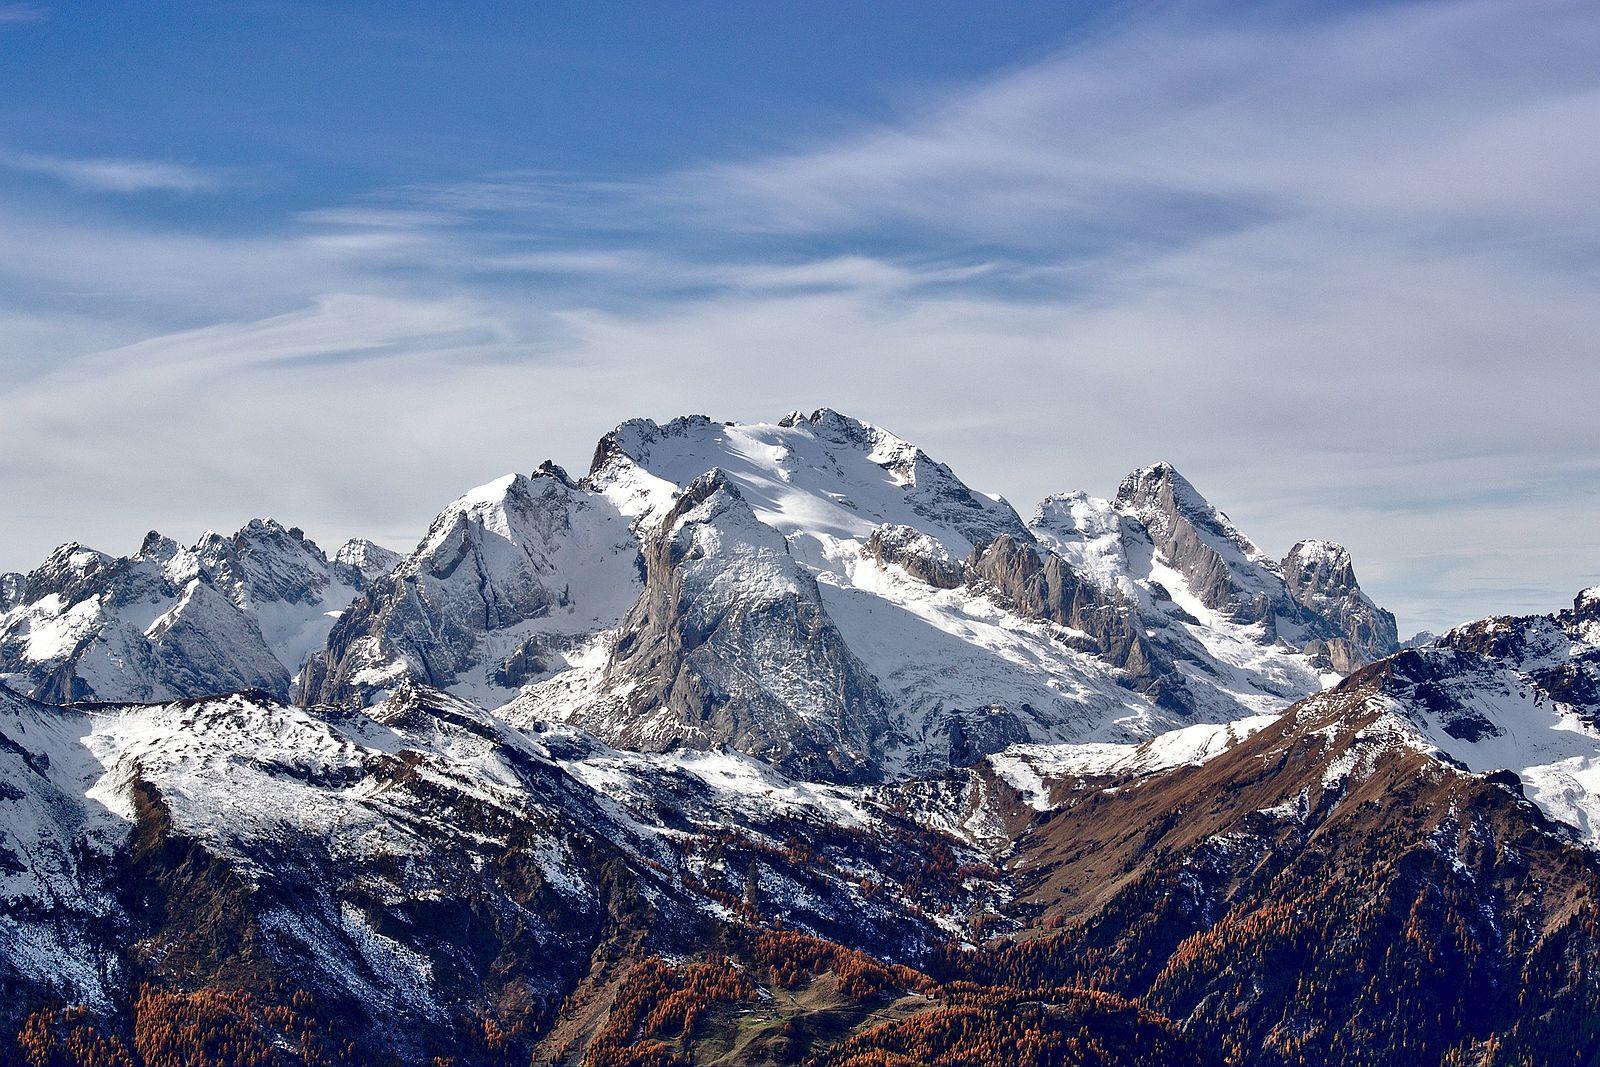 【義大利】健行在阿爾卑斯的絕美秘境:多洛米提山脈 (The Dolomites) 行程規劃全攻略 20